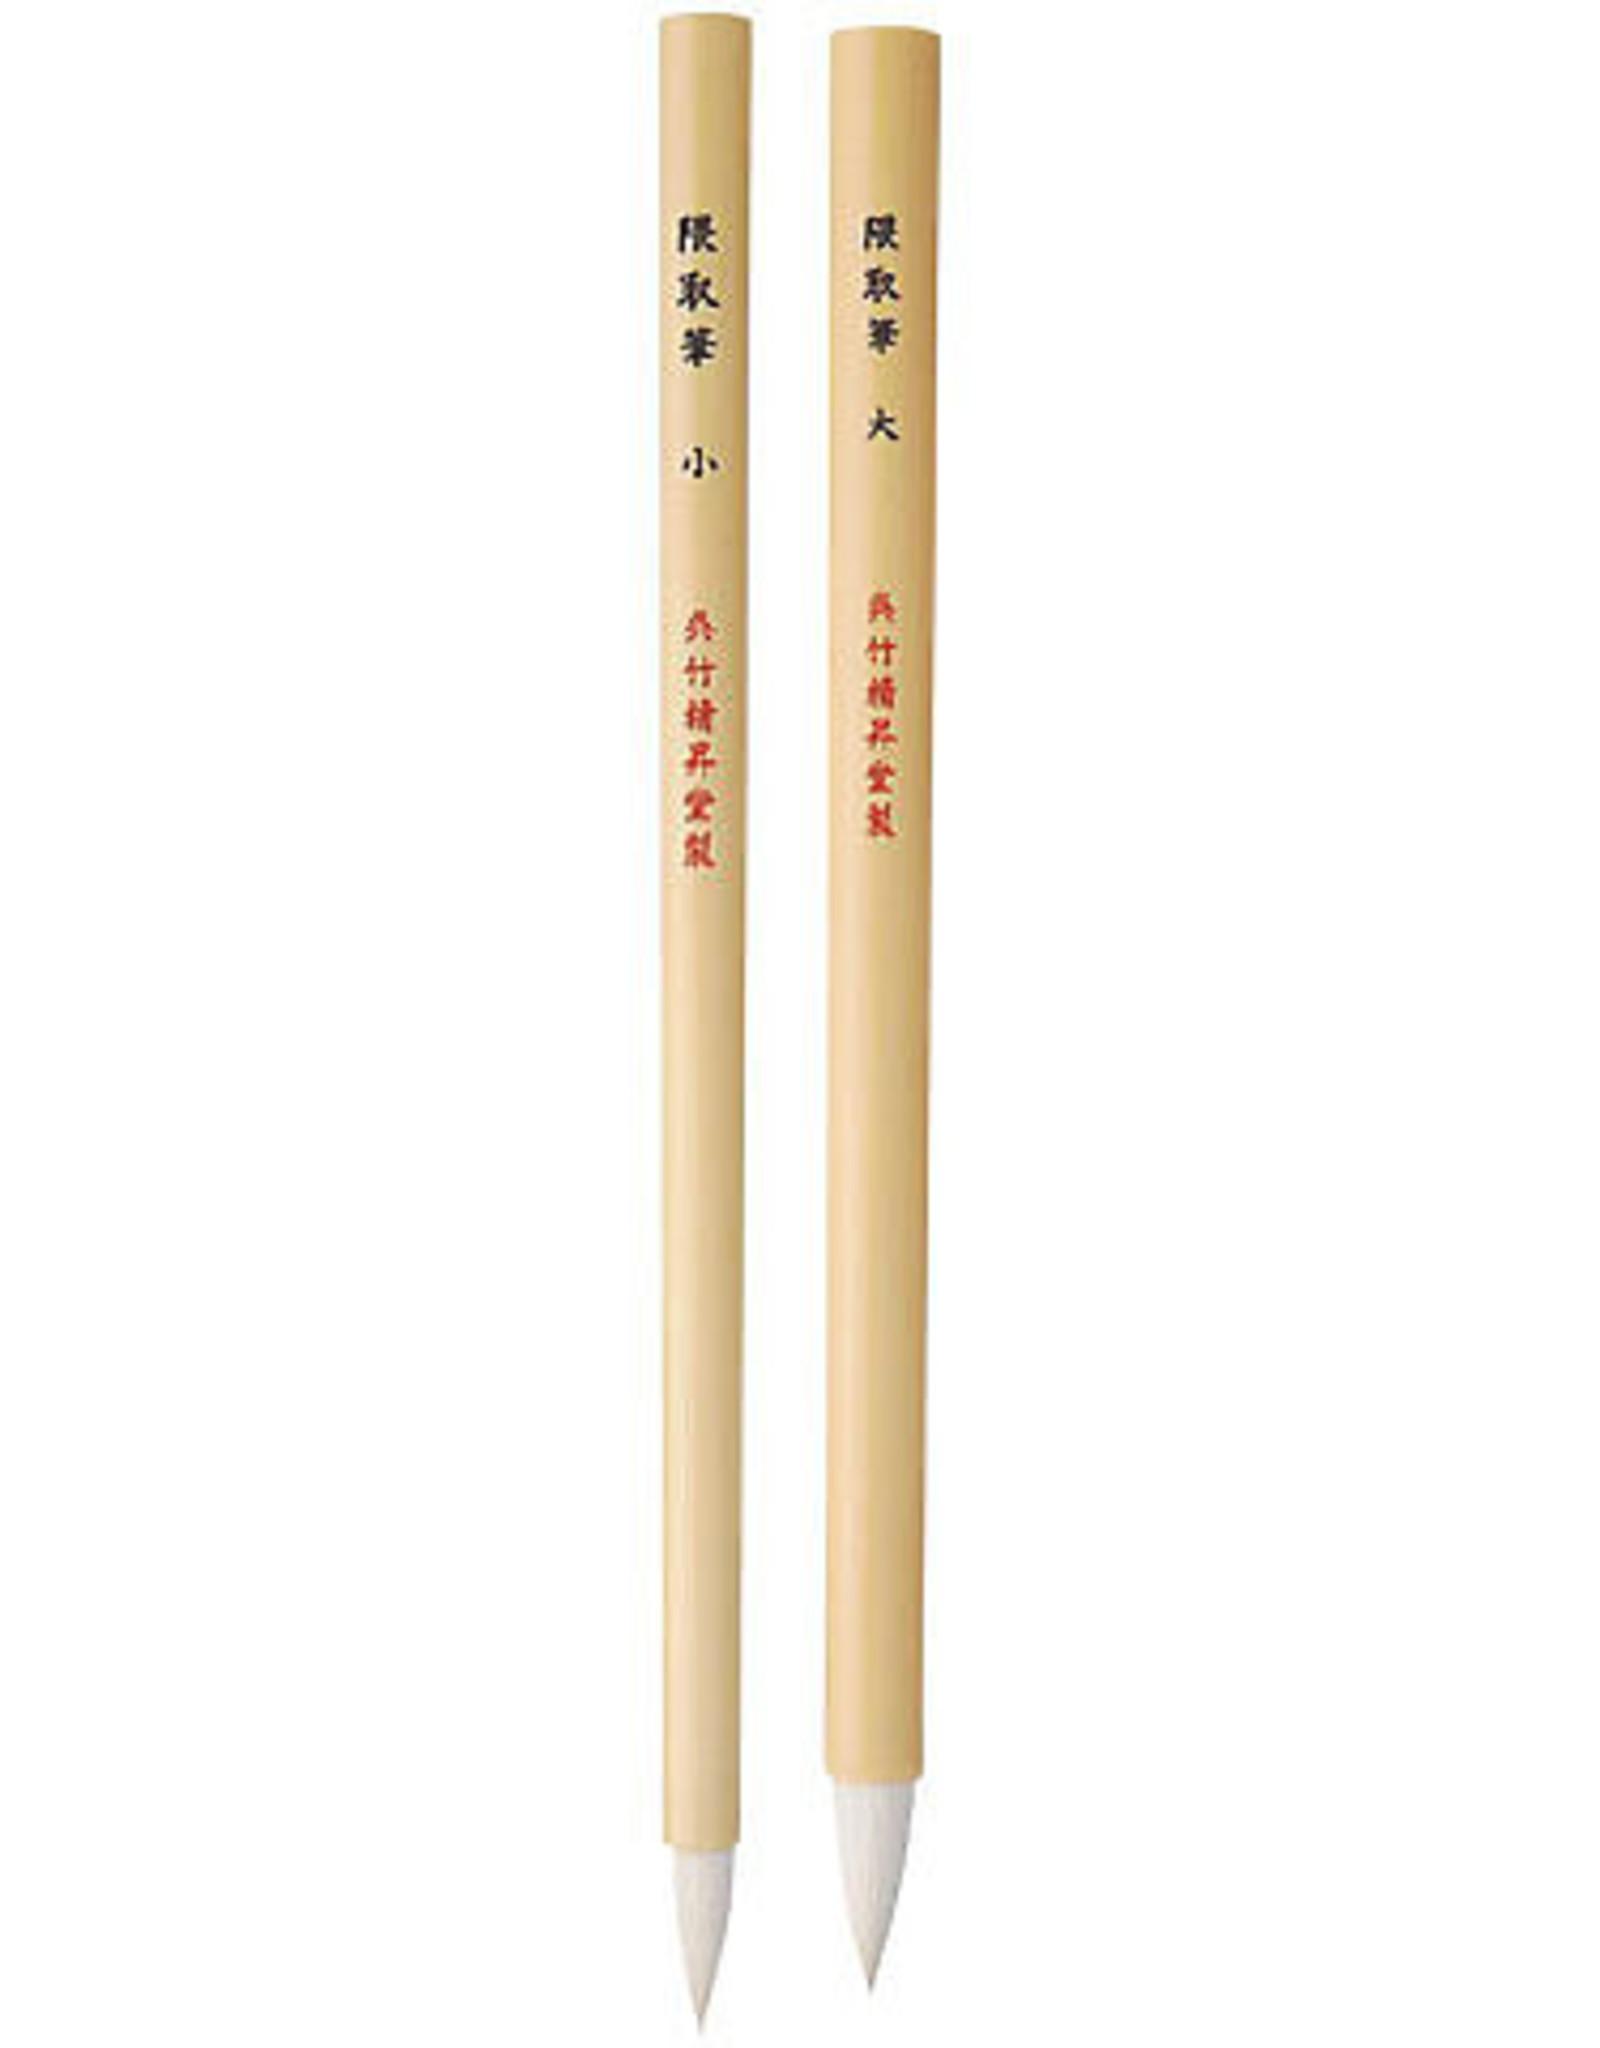 Kumatori Bamboo Brush